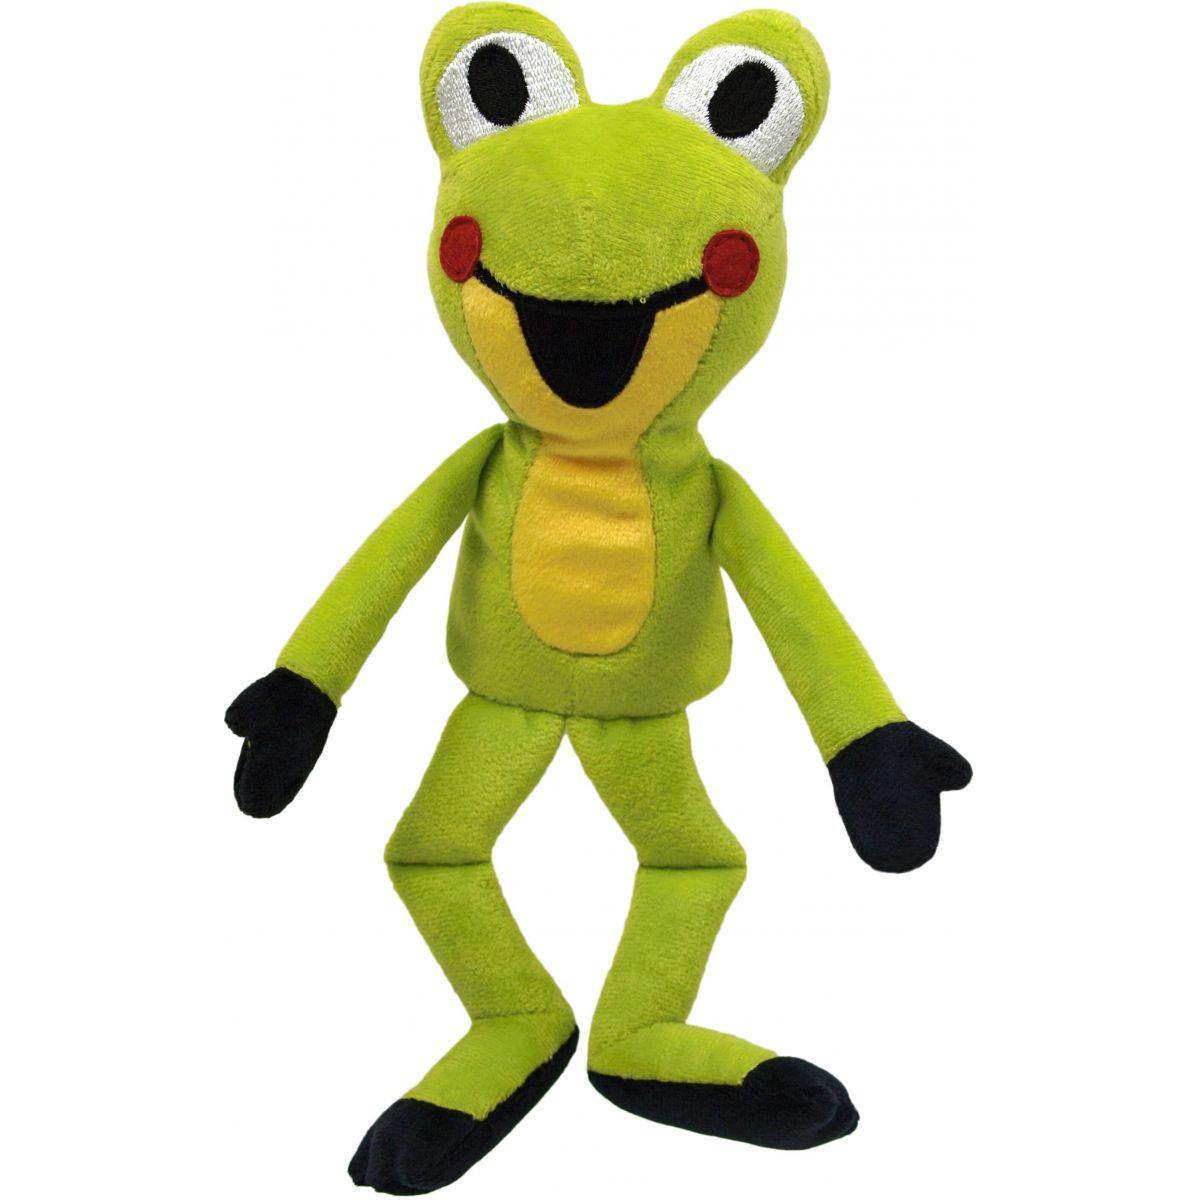 Žabka 21 cm, maňásek